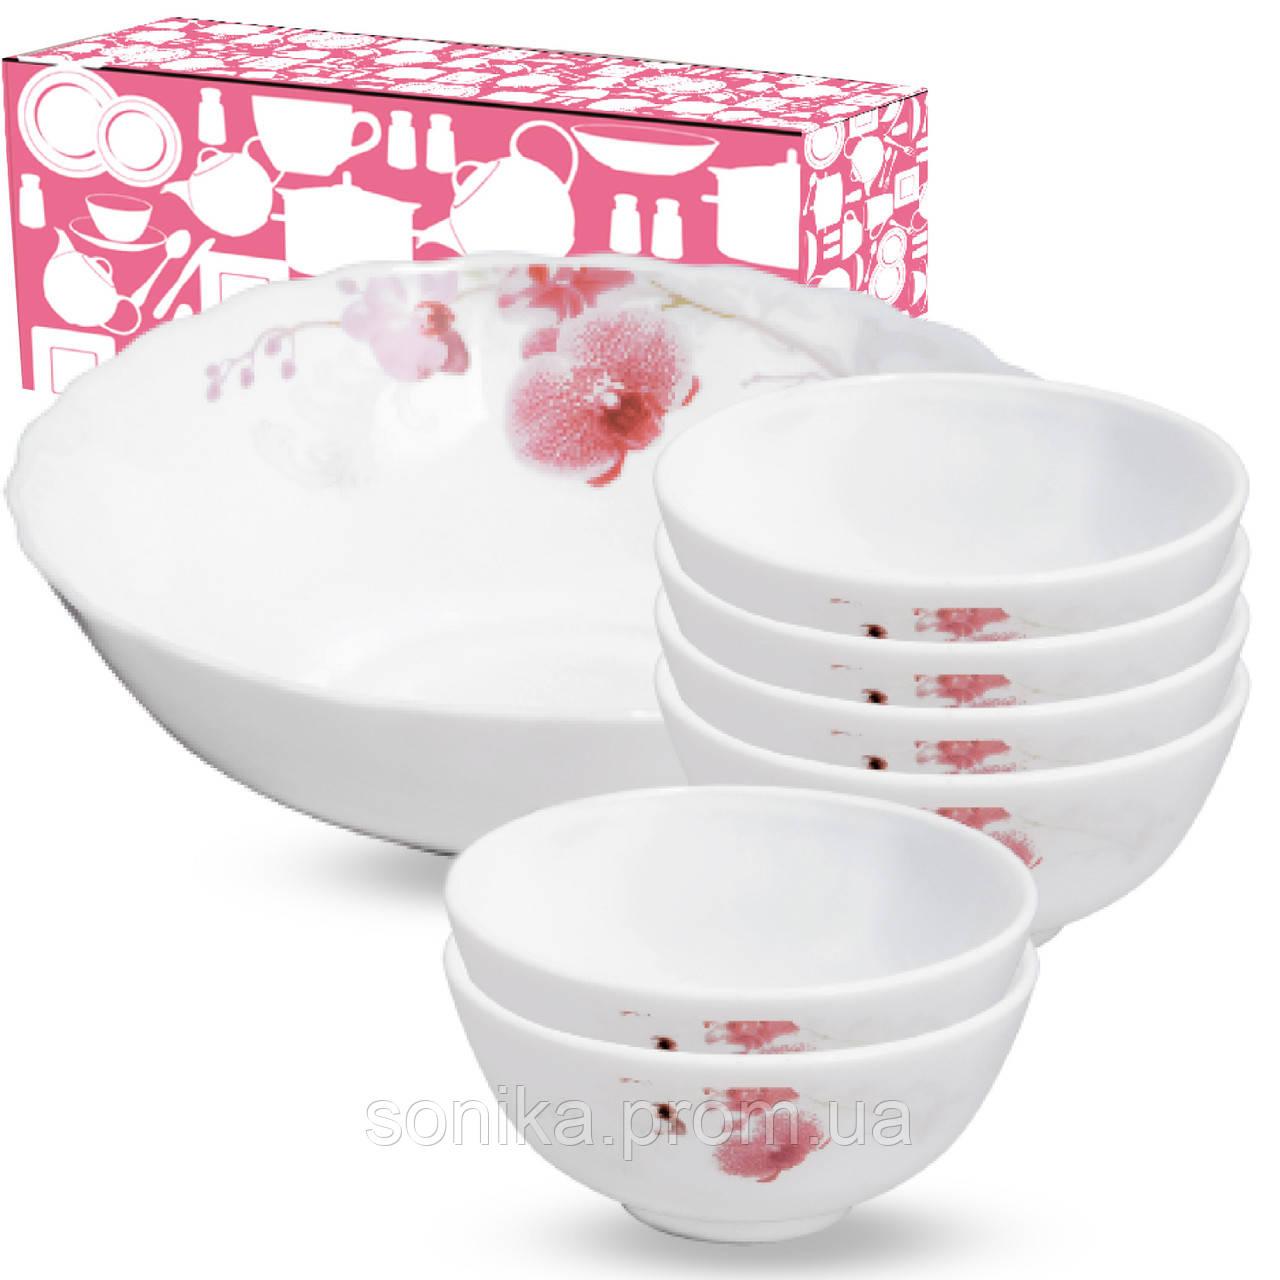 Набір салатників S&T Рожева орхідея 7 шт 30056-61099